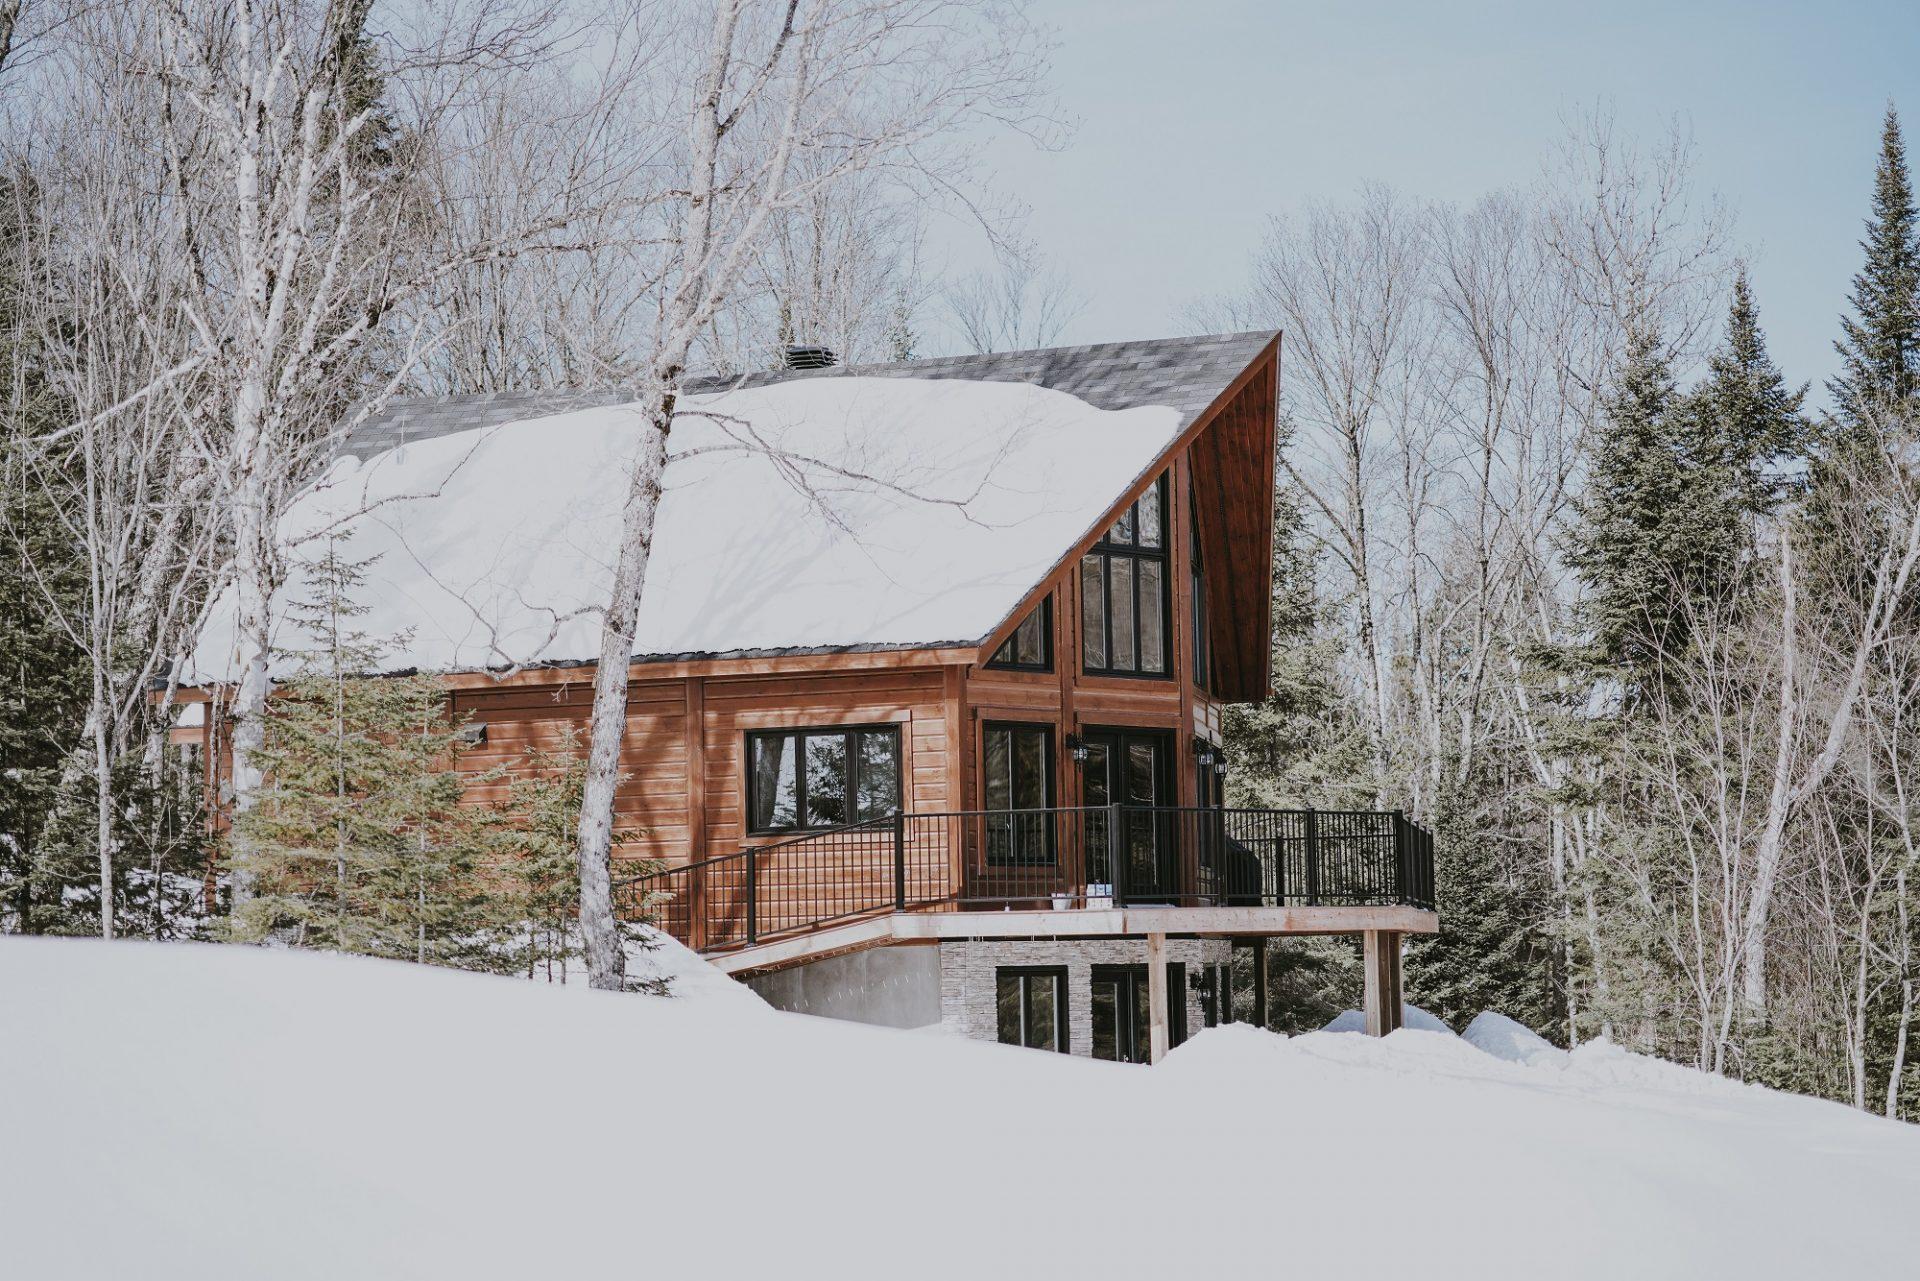 Odpratávať alebo neodpratávať sneh zo striech?